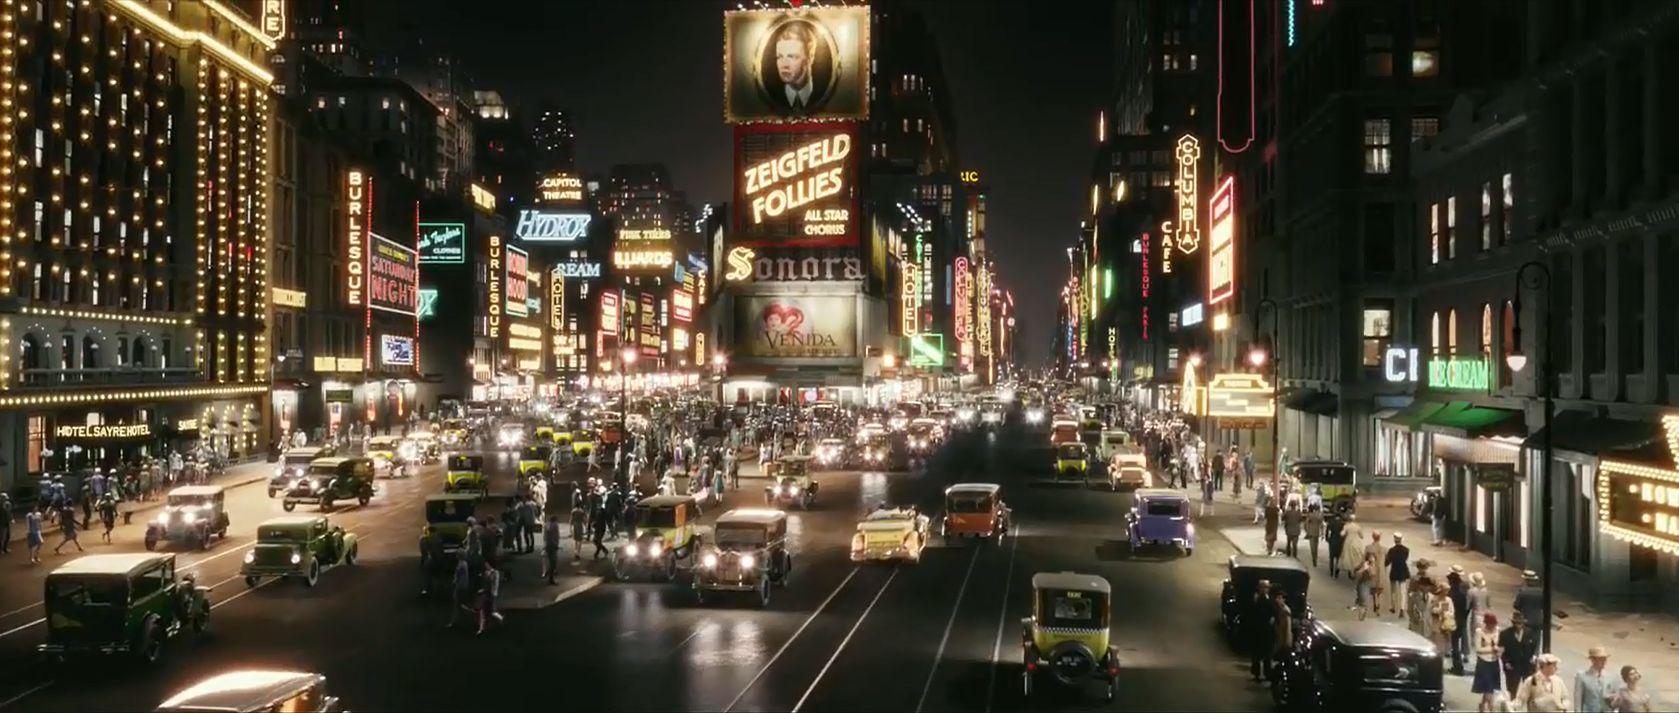 Wielki Gatsby, film